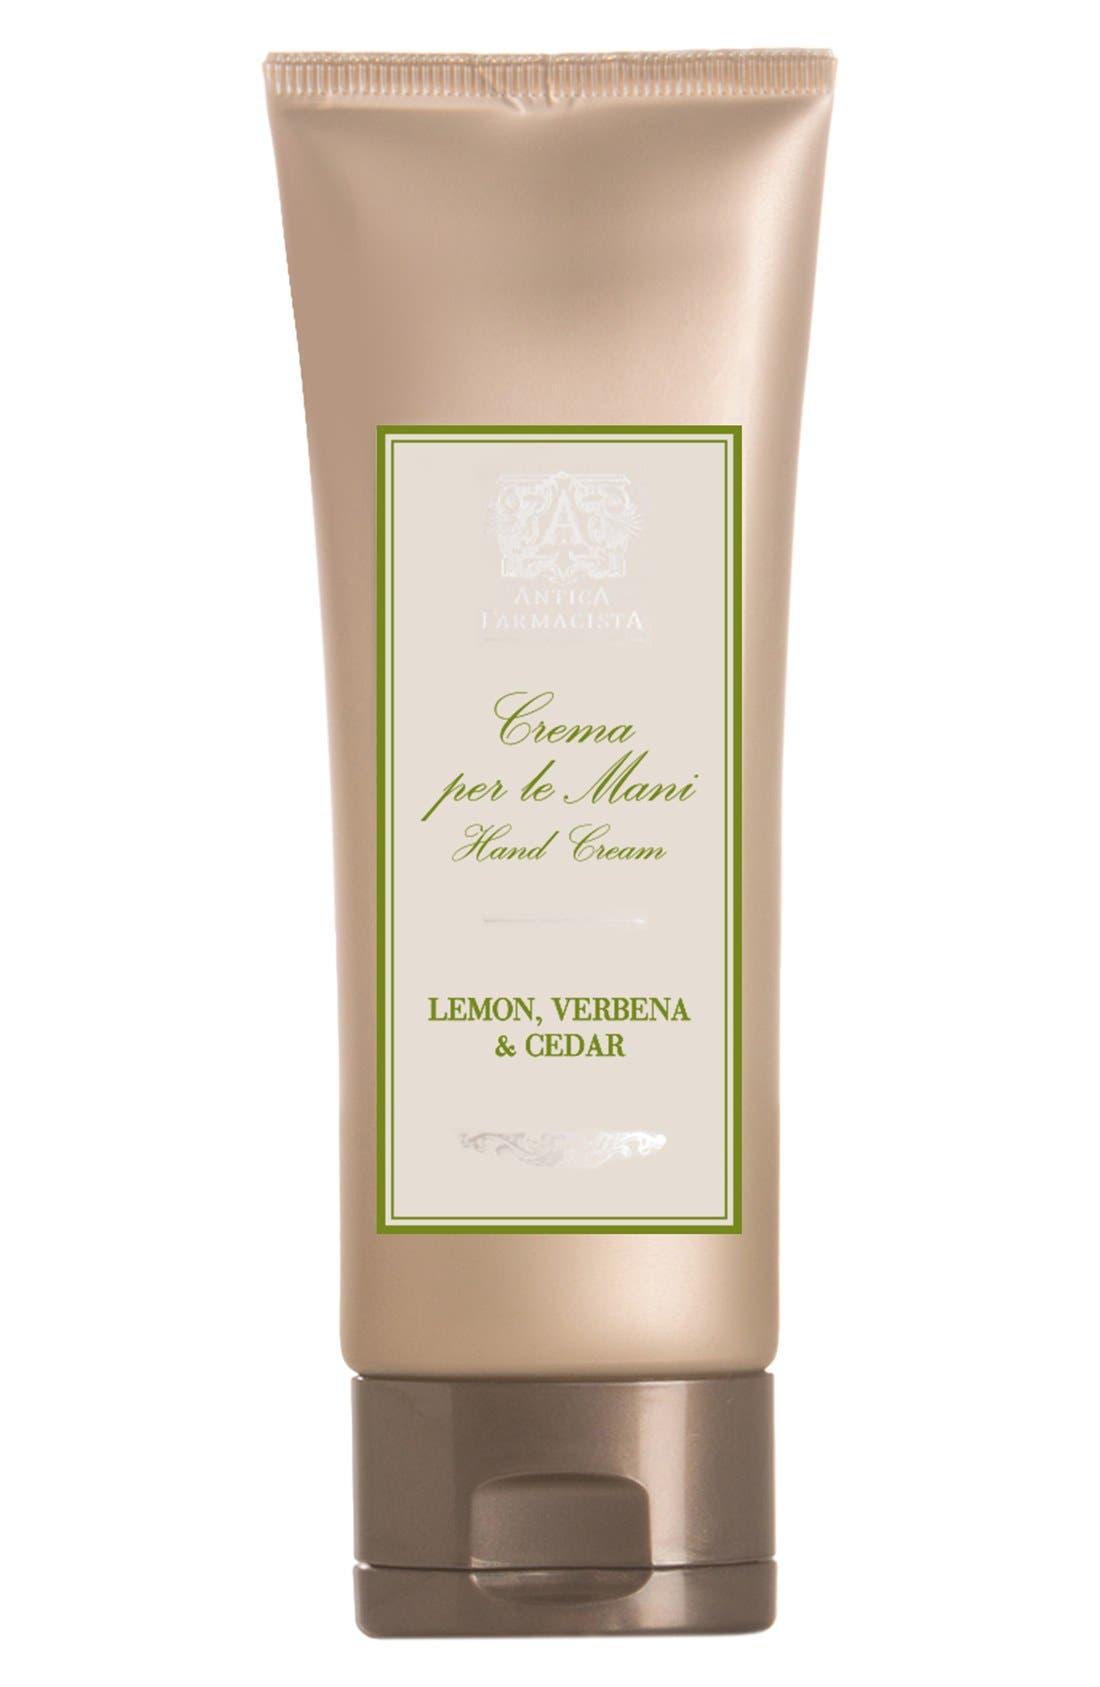 Antica Farmacista 'Lemon, Verbena & Cedar' Hand Cream